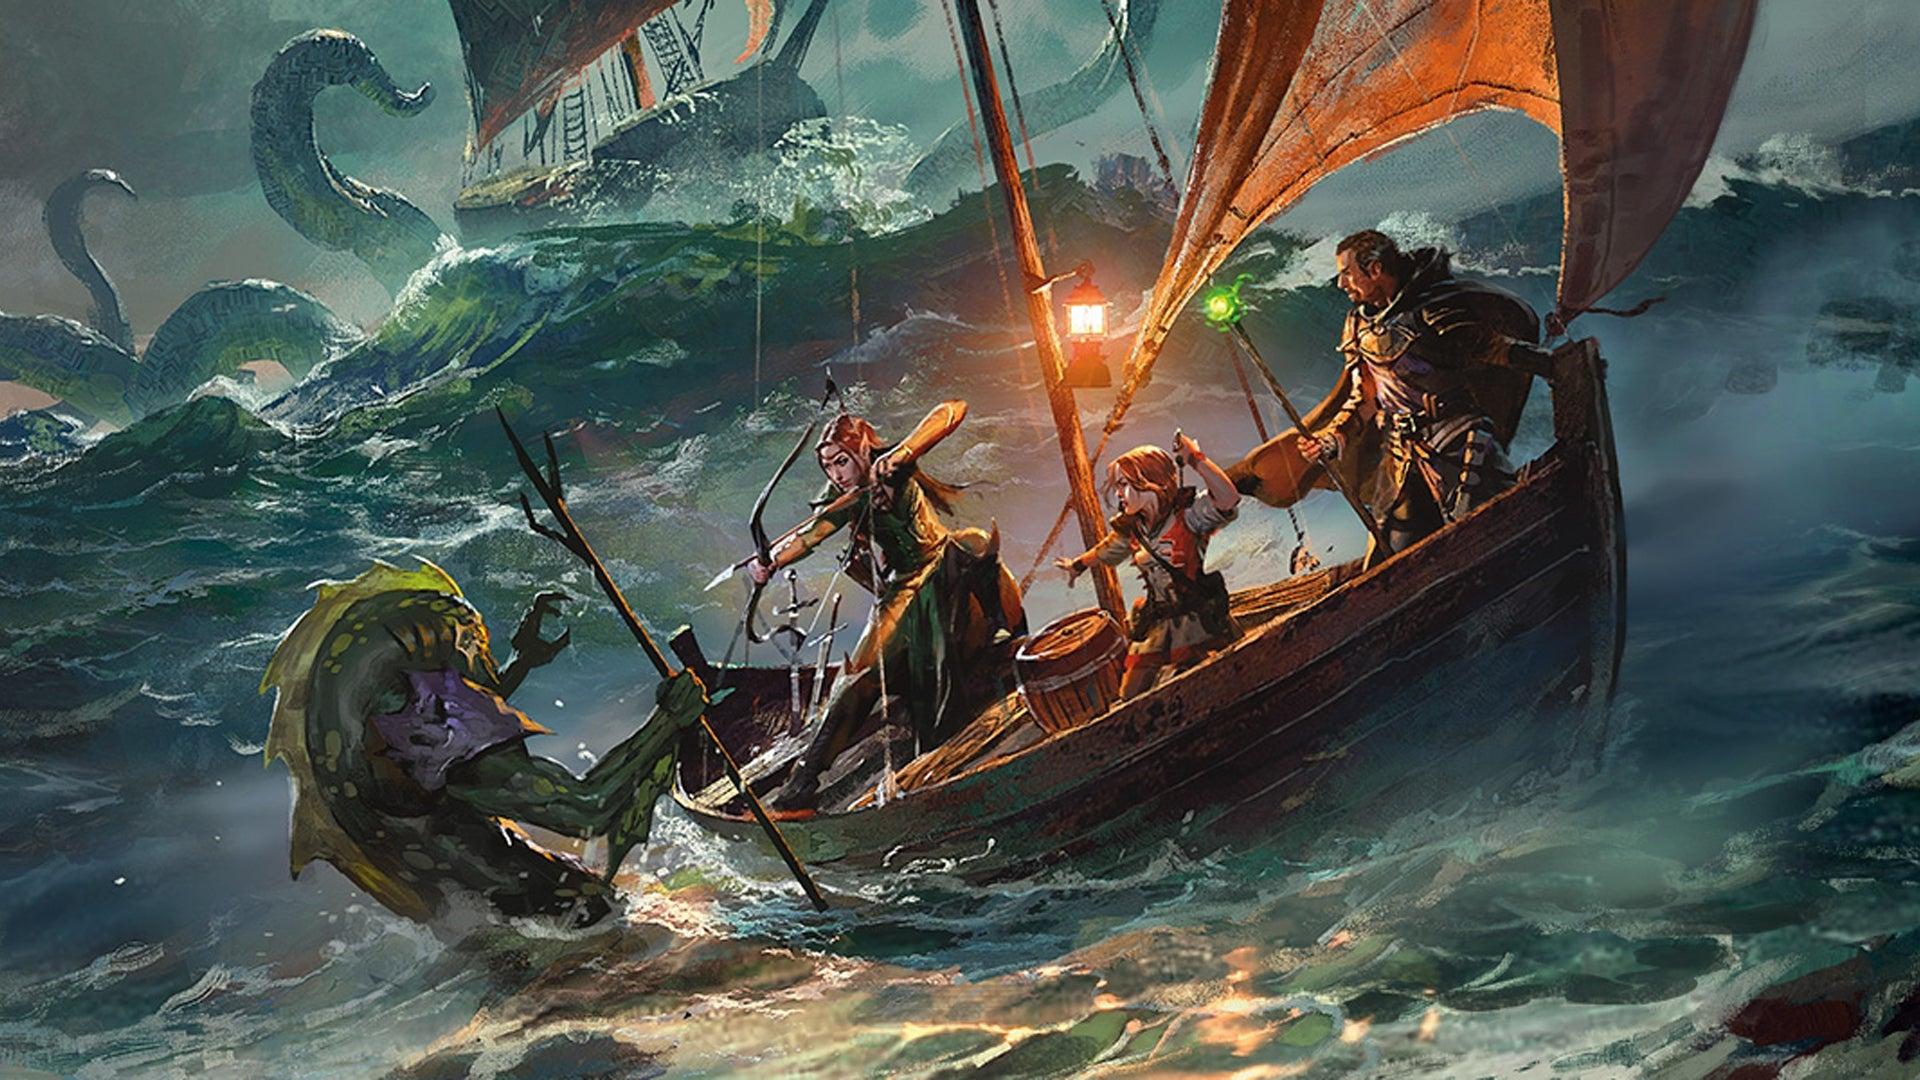 Dungeons & Dragons RPG Ghosts of Saltmarsh campaign sourcebook